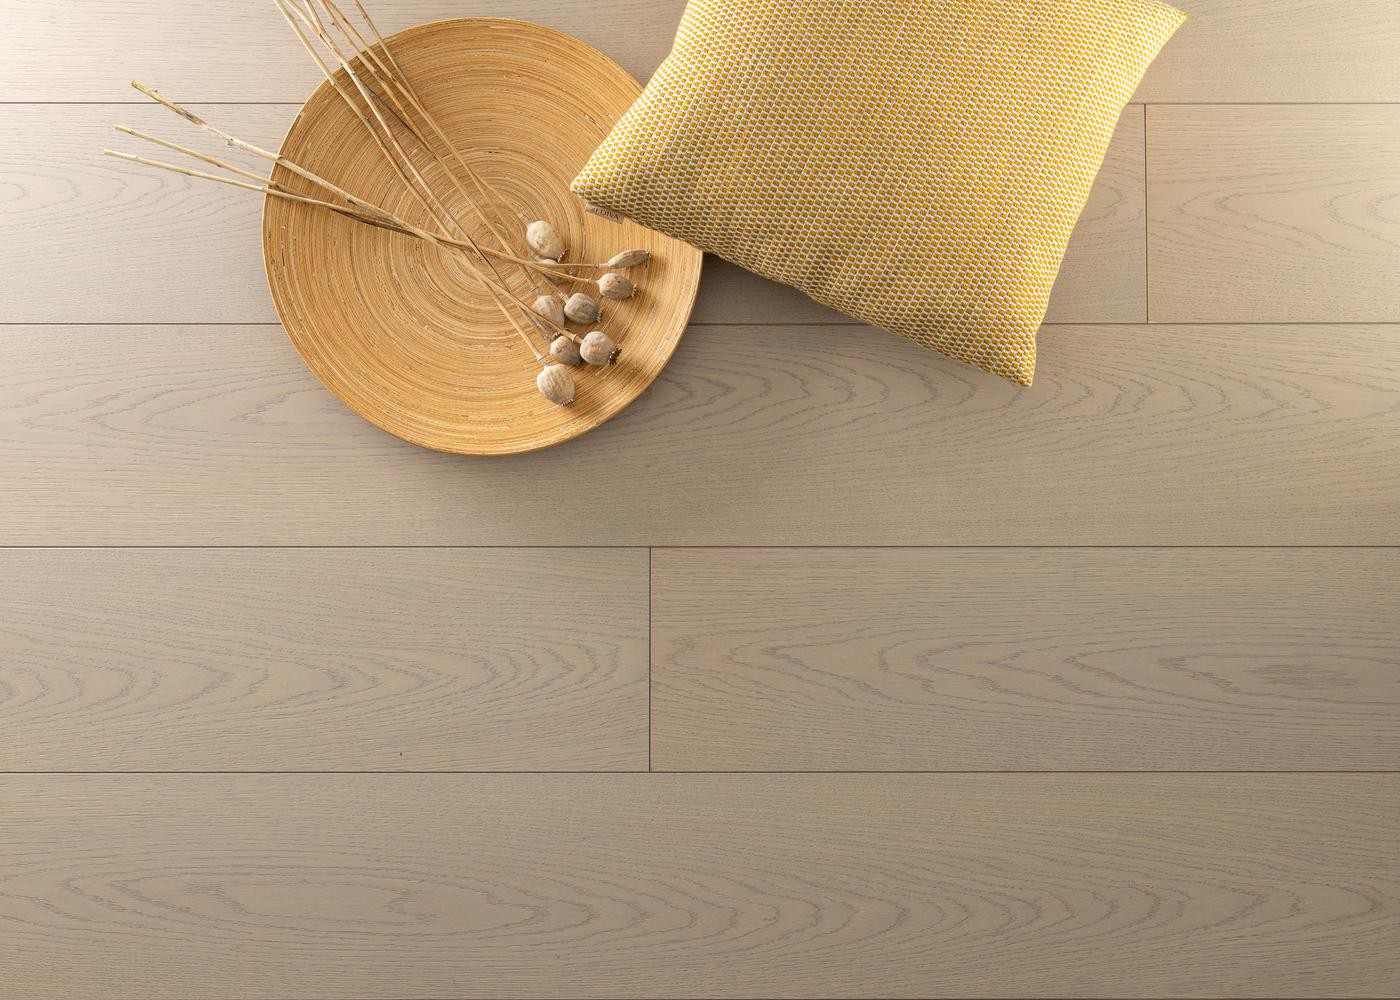 Sol plaqué bois Chêne DINARD brossé vernis extra-mat - Summit - Select 10x233x2050